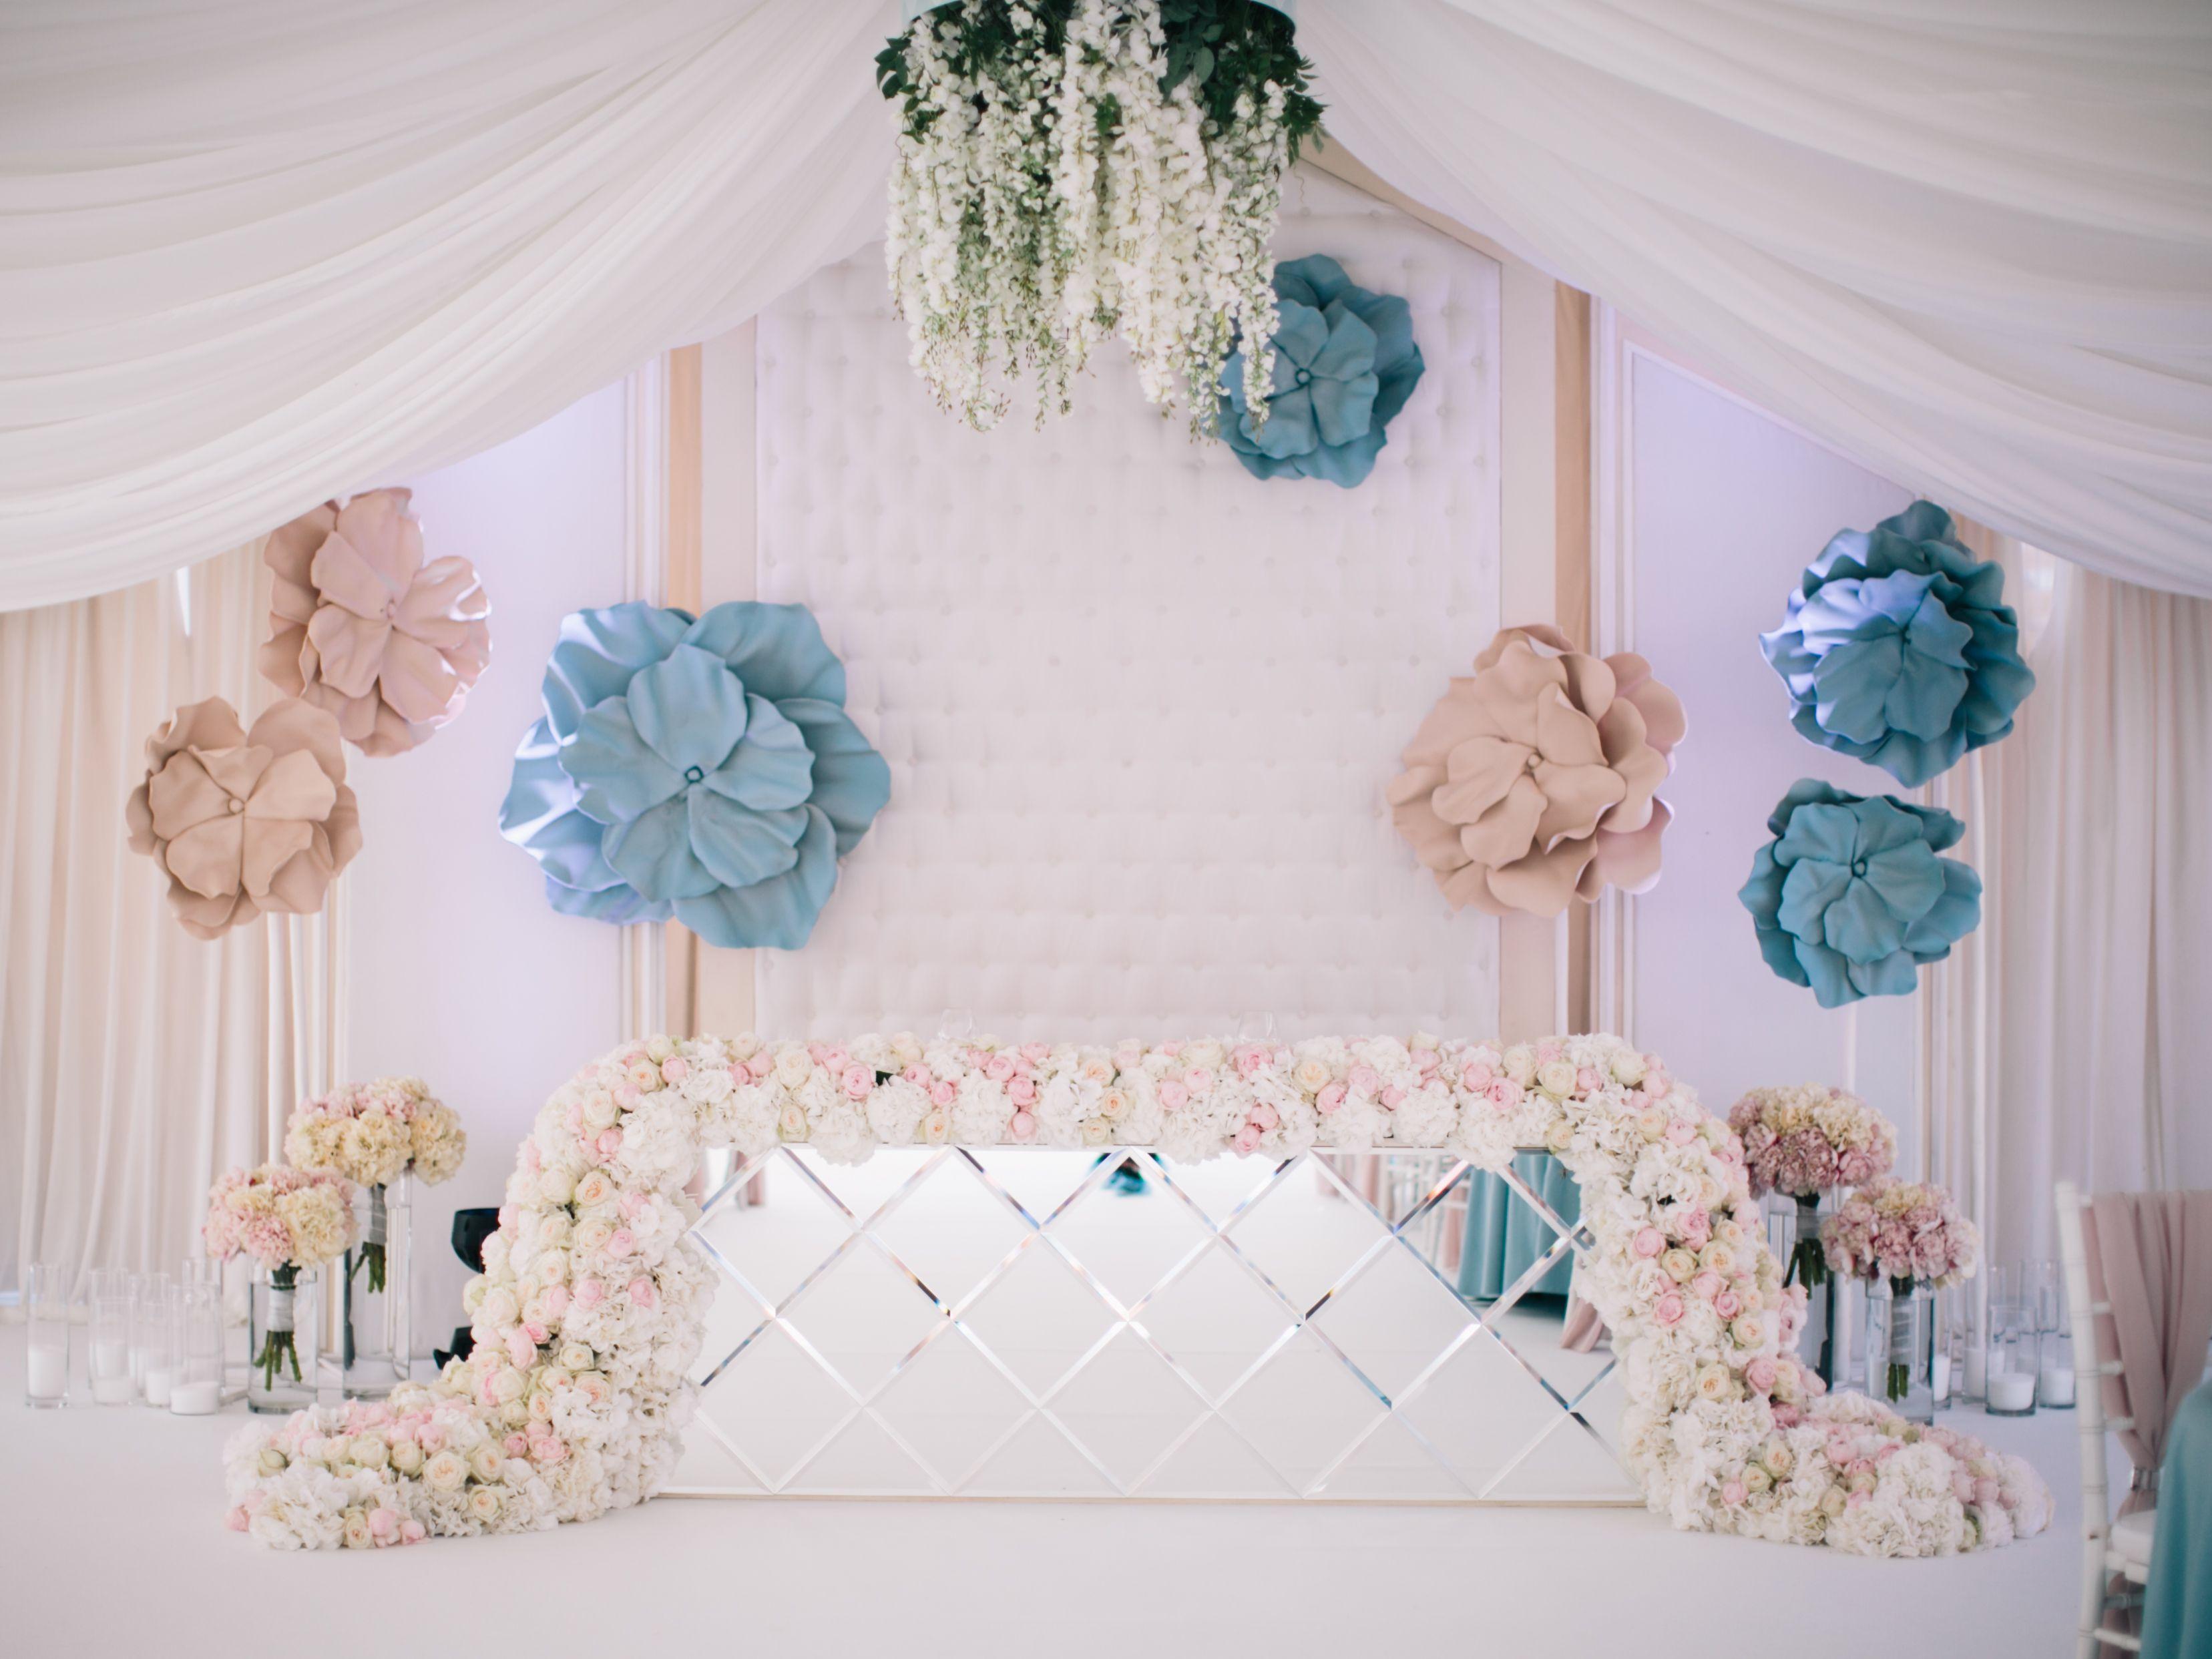 Wedding sweethearts table, wedding decor, wedding flowers, wedding